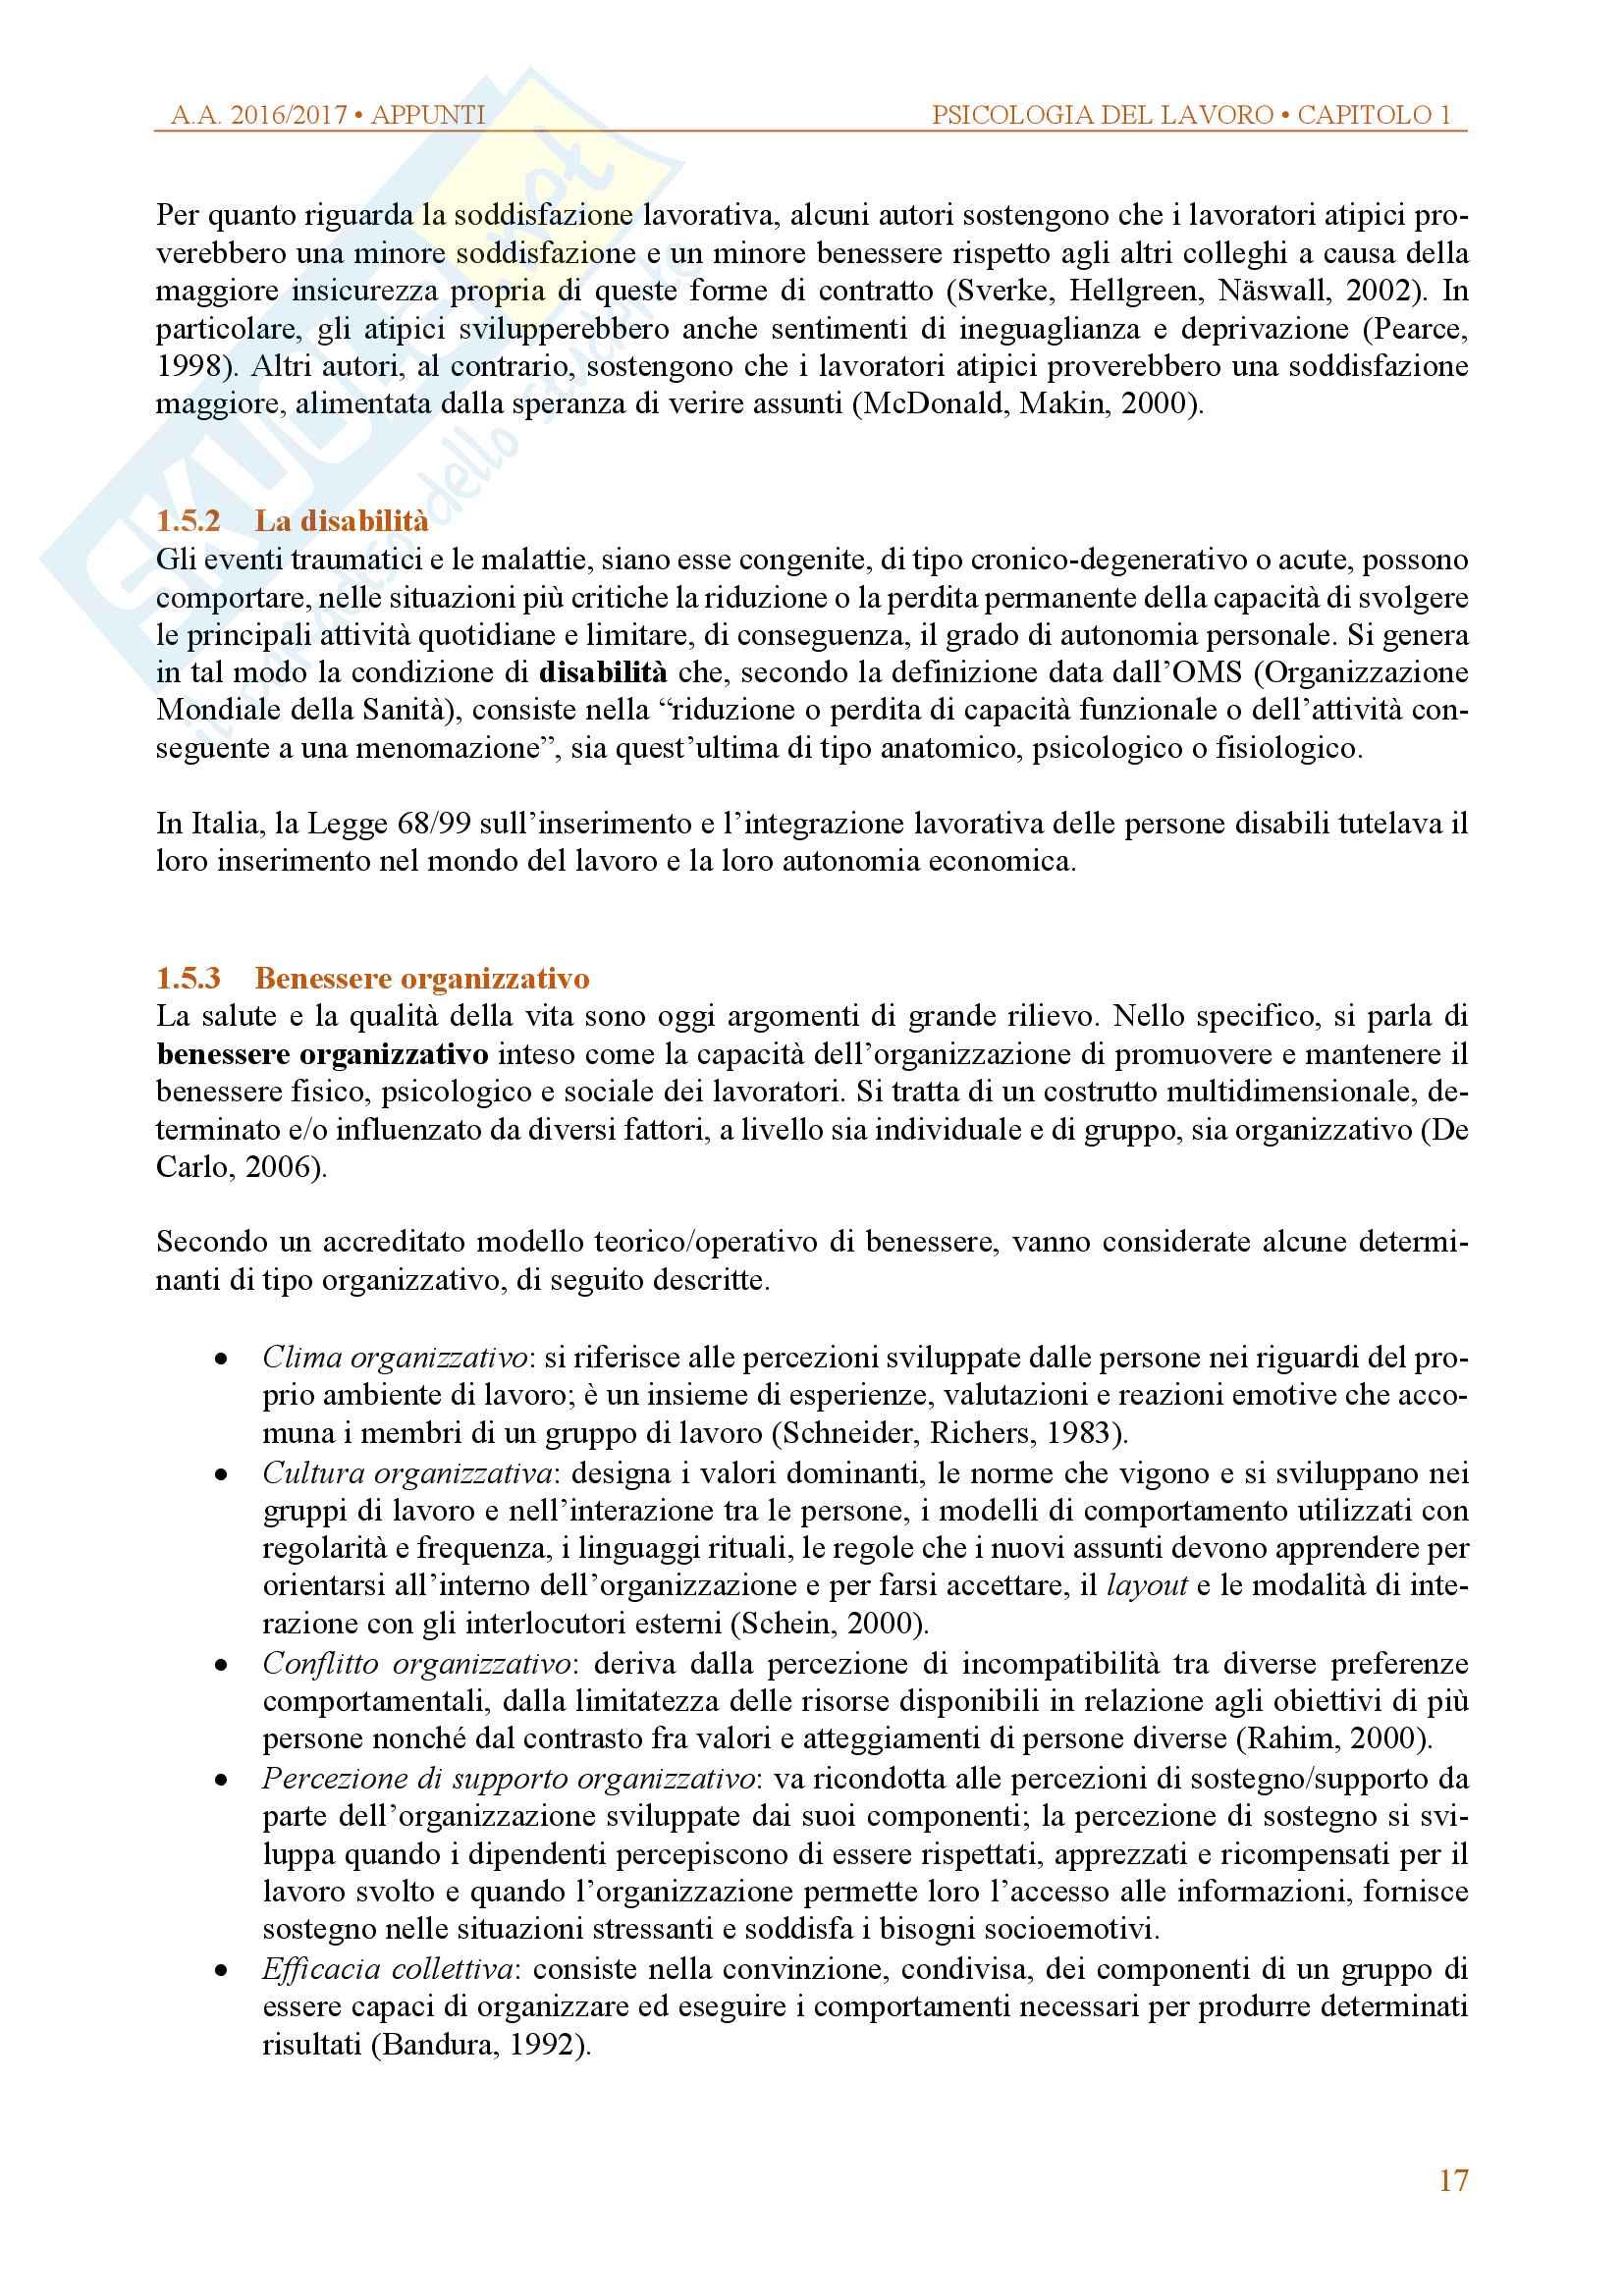 Appunti di psicologia delle organizzazioni e del lavoro Pag. 16